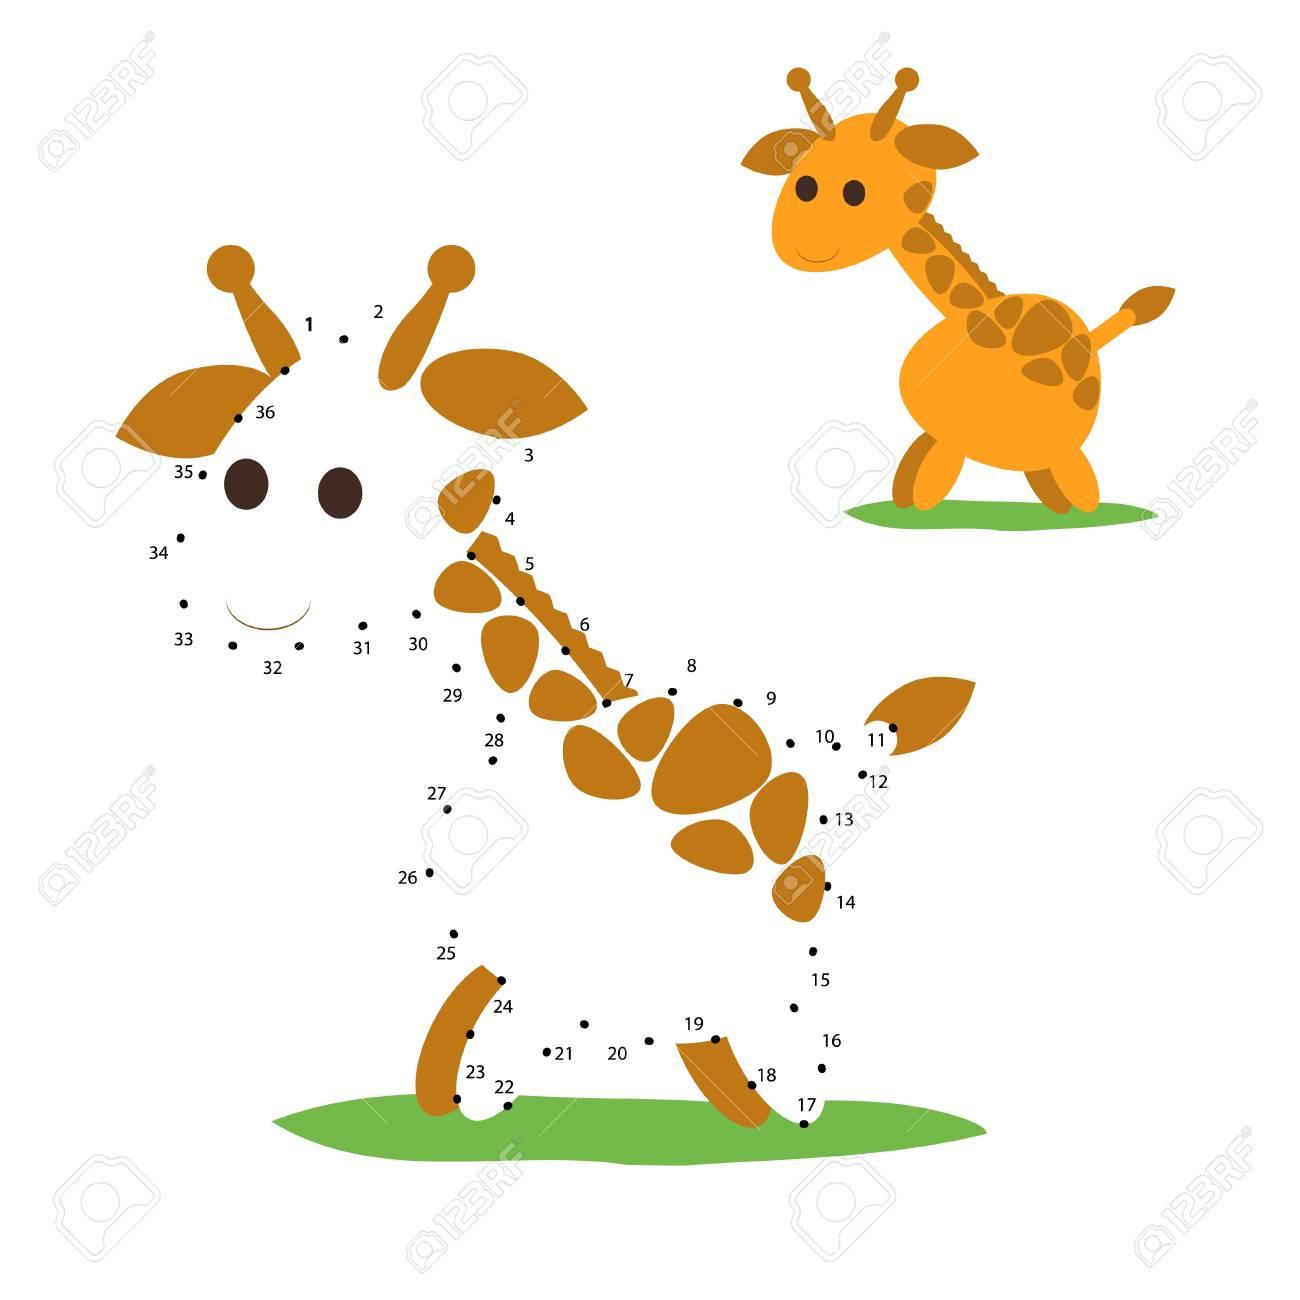 Jeux De Chiffres Avec Girafe, Jeu Point À Point, Jeu Point À Point Pour  Enfants, Jeux Point À Point Pour Enfants, Vecteur, Eps8, Point À Point, Jeu serapportantà Puzzle Enfant En Ligne